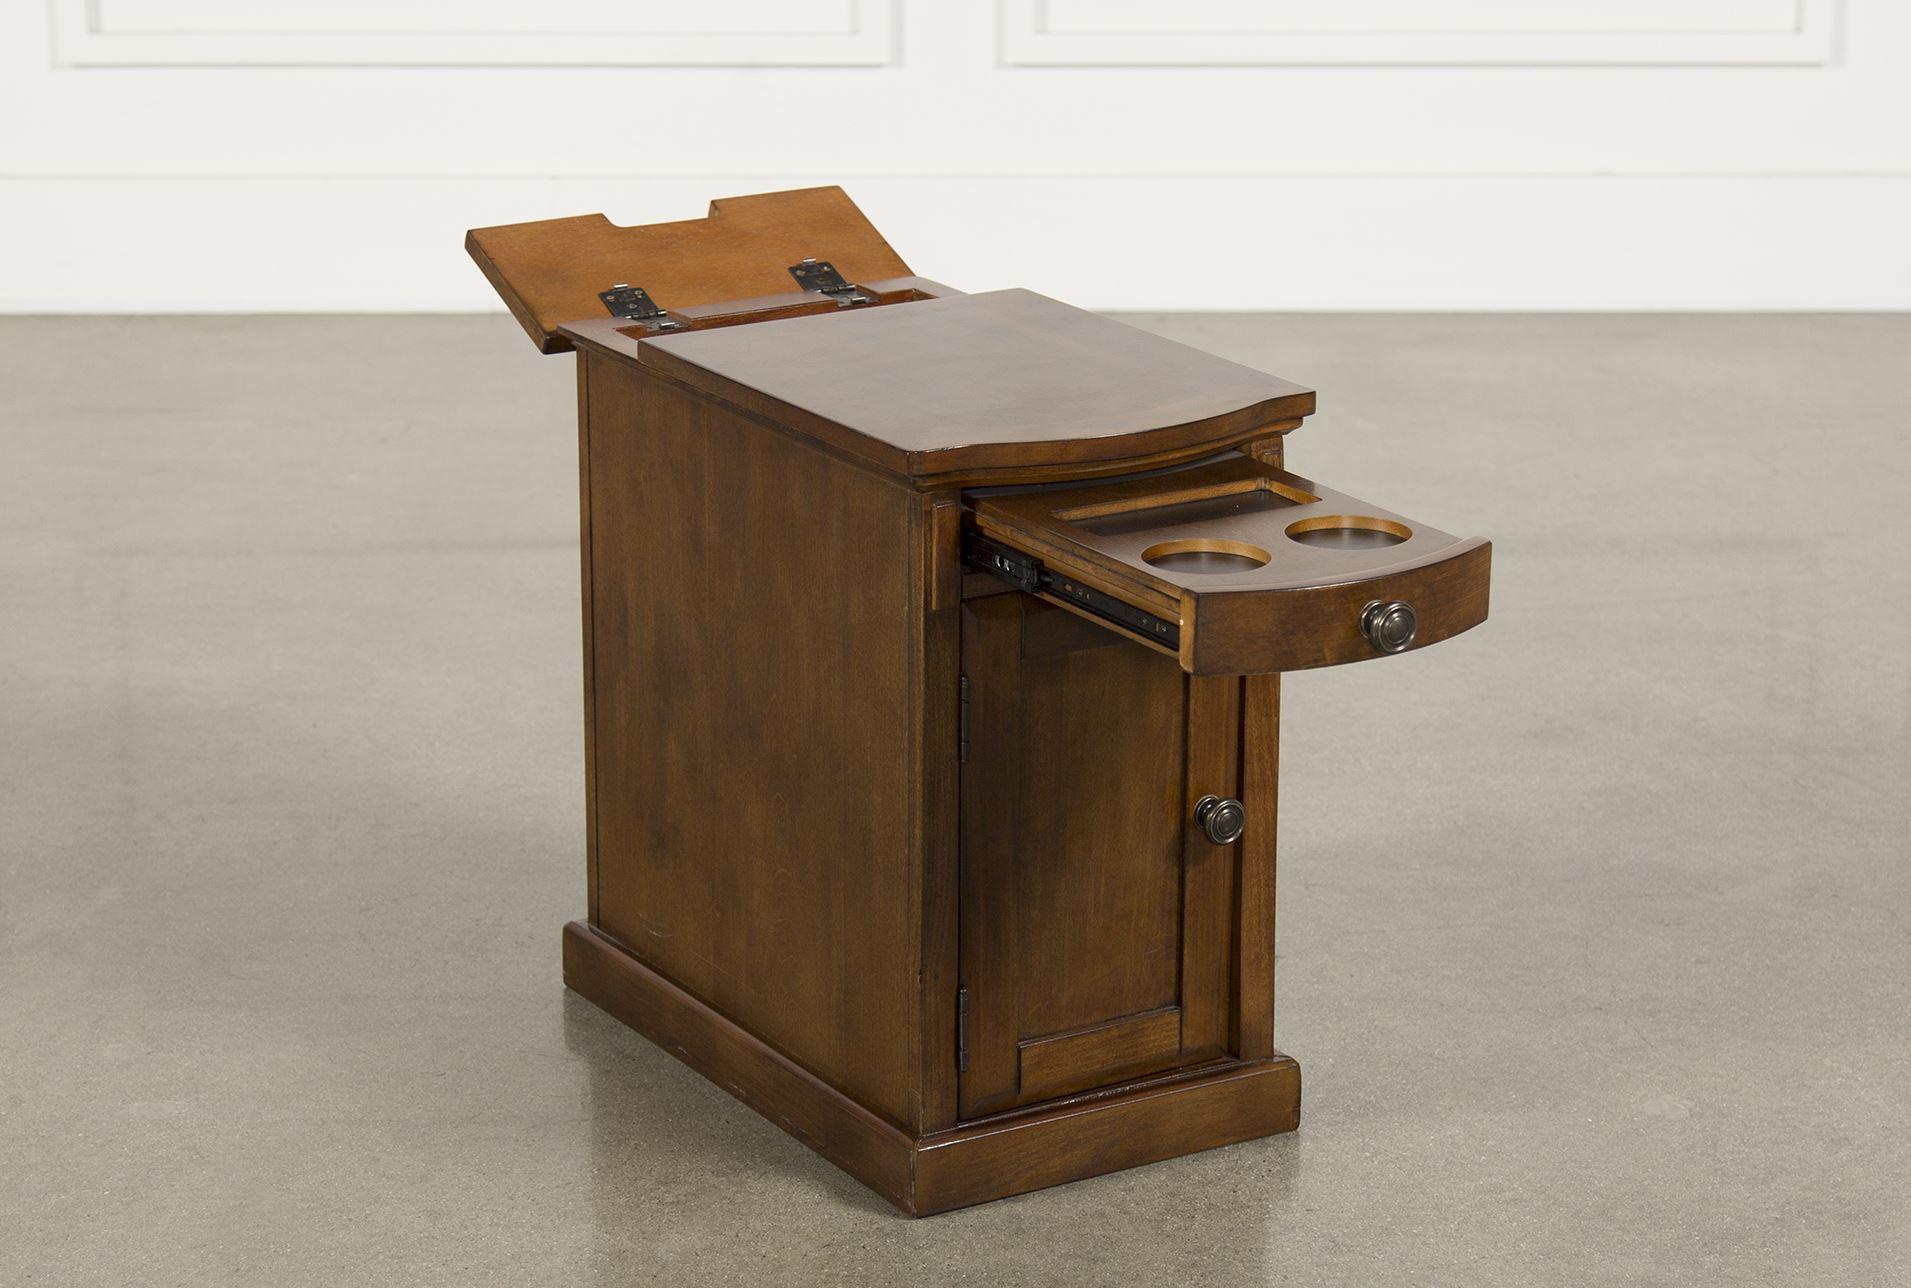 preloadTyson Power Chairside Table - Back